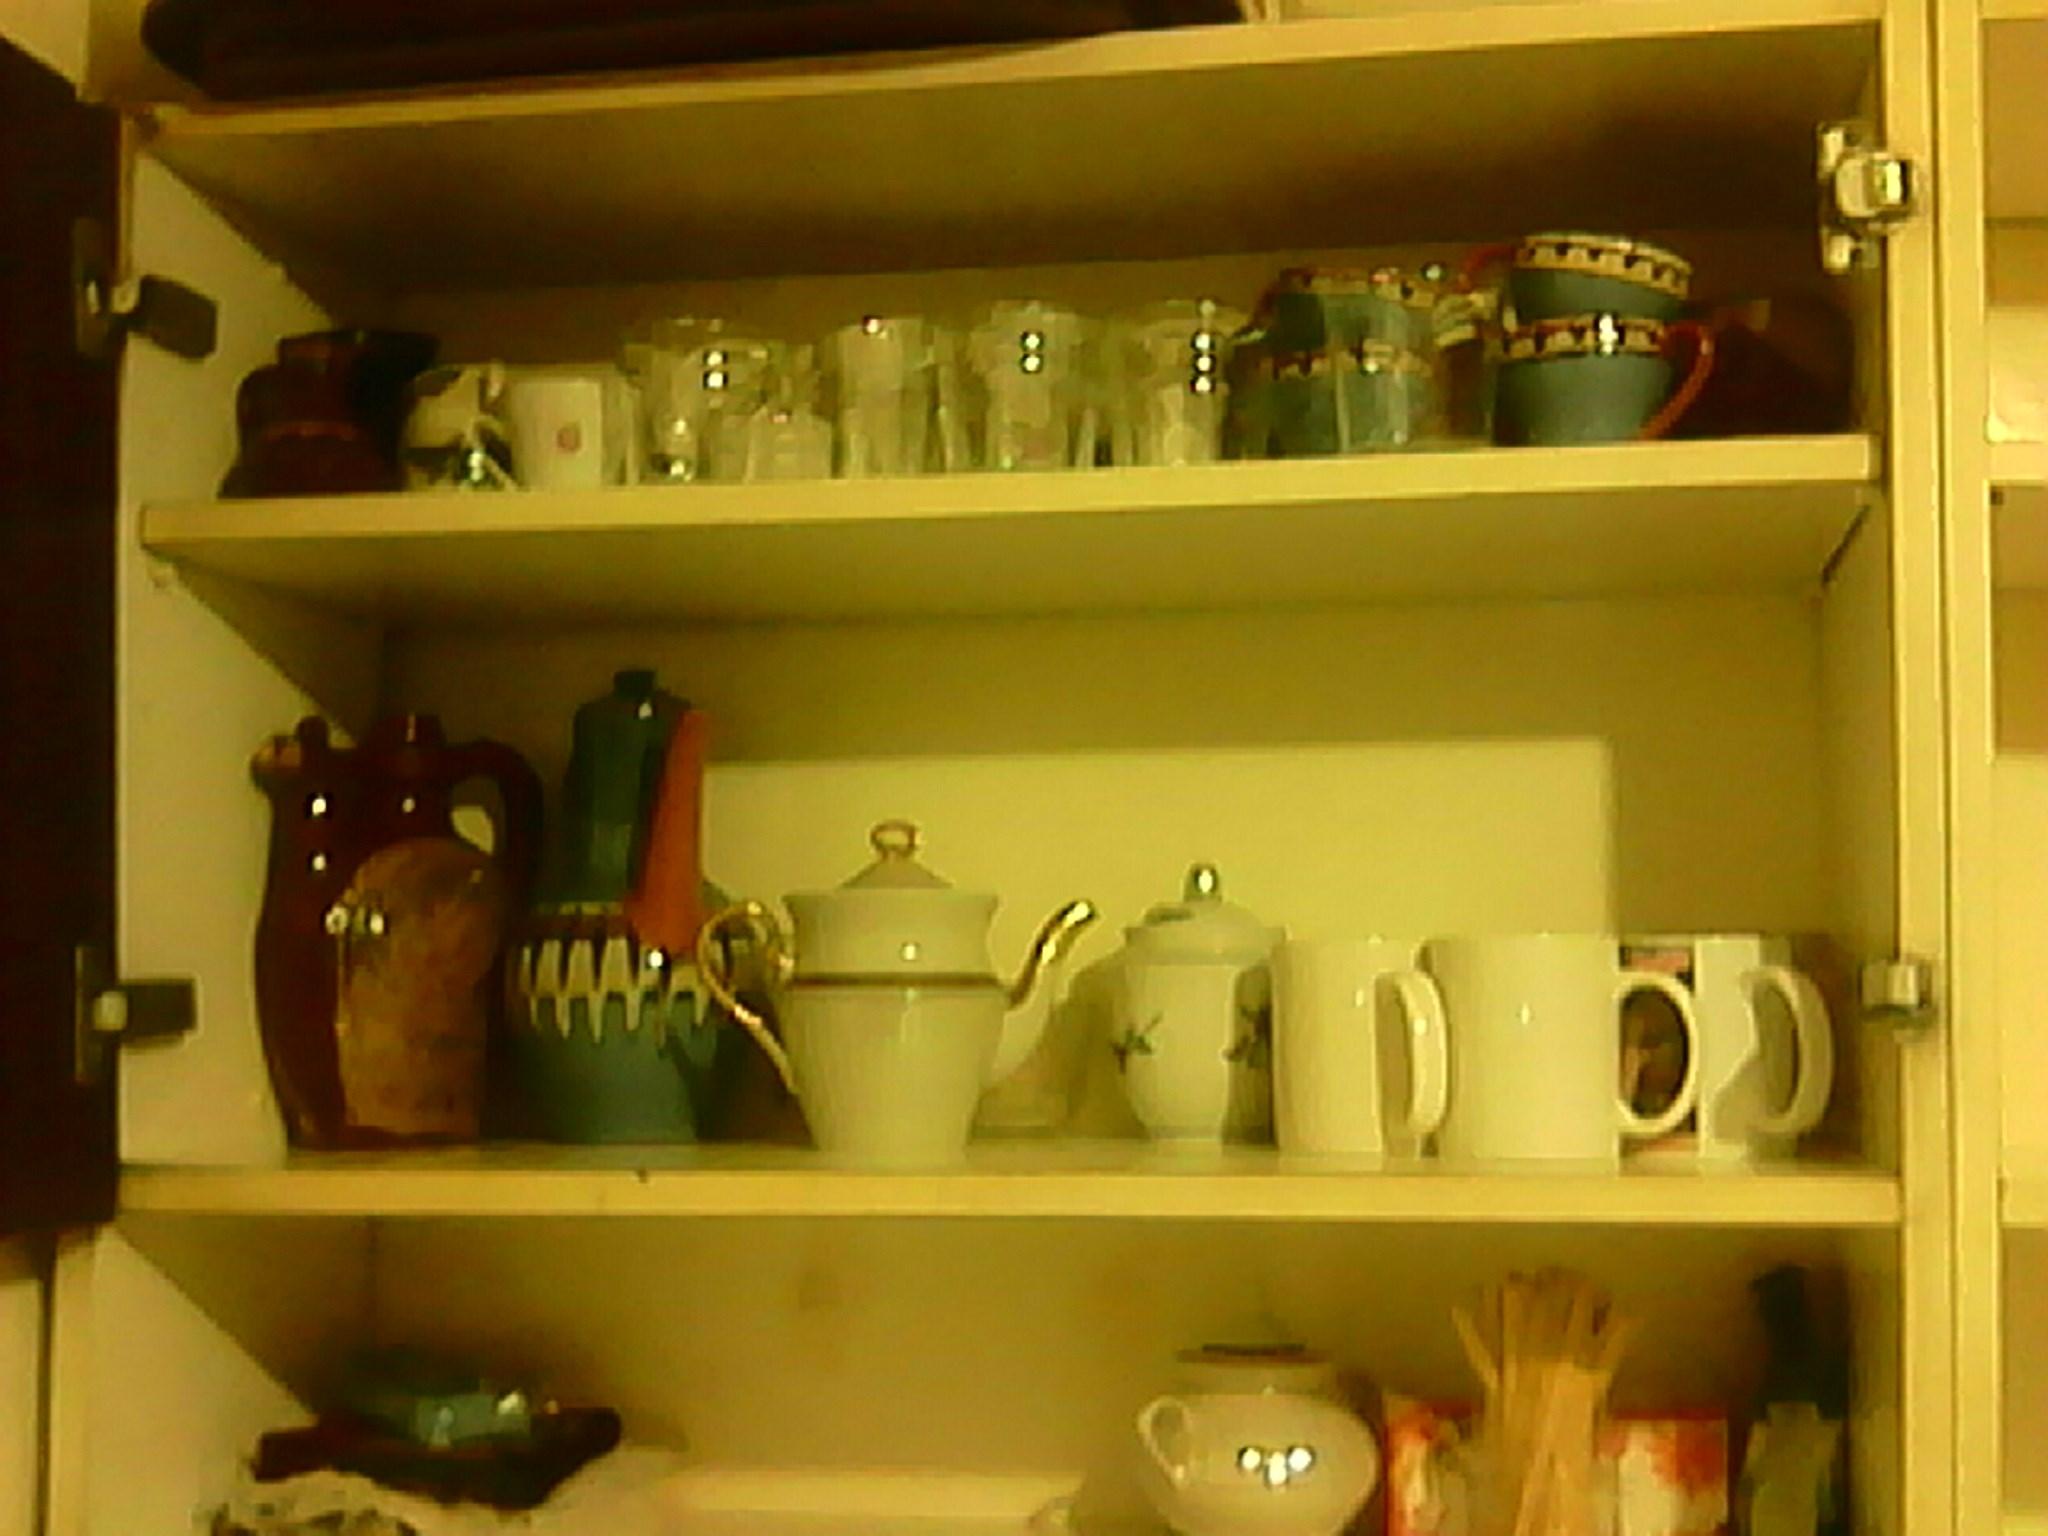 Фото Уборка офиса-квартиры. Кухня, шкафы, посуда, помыты.